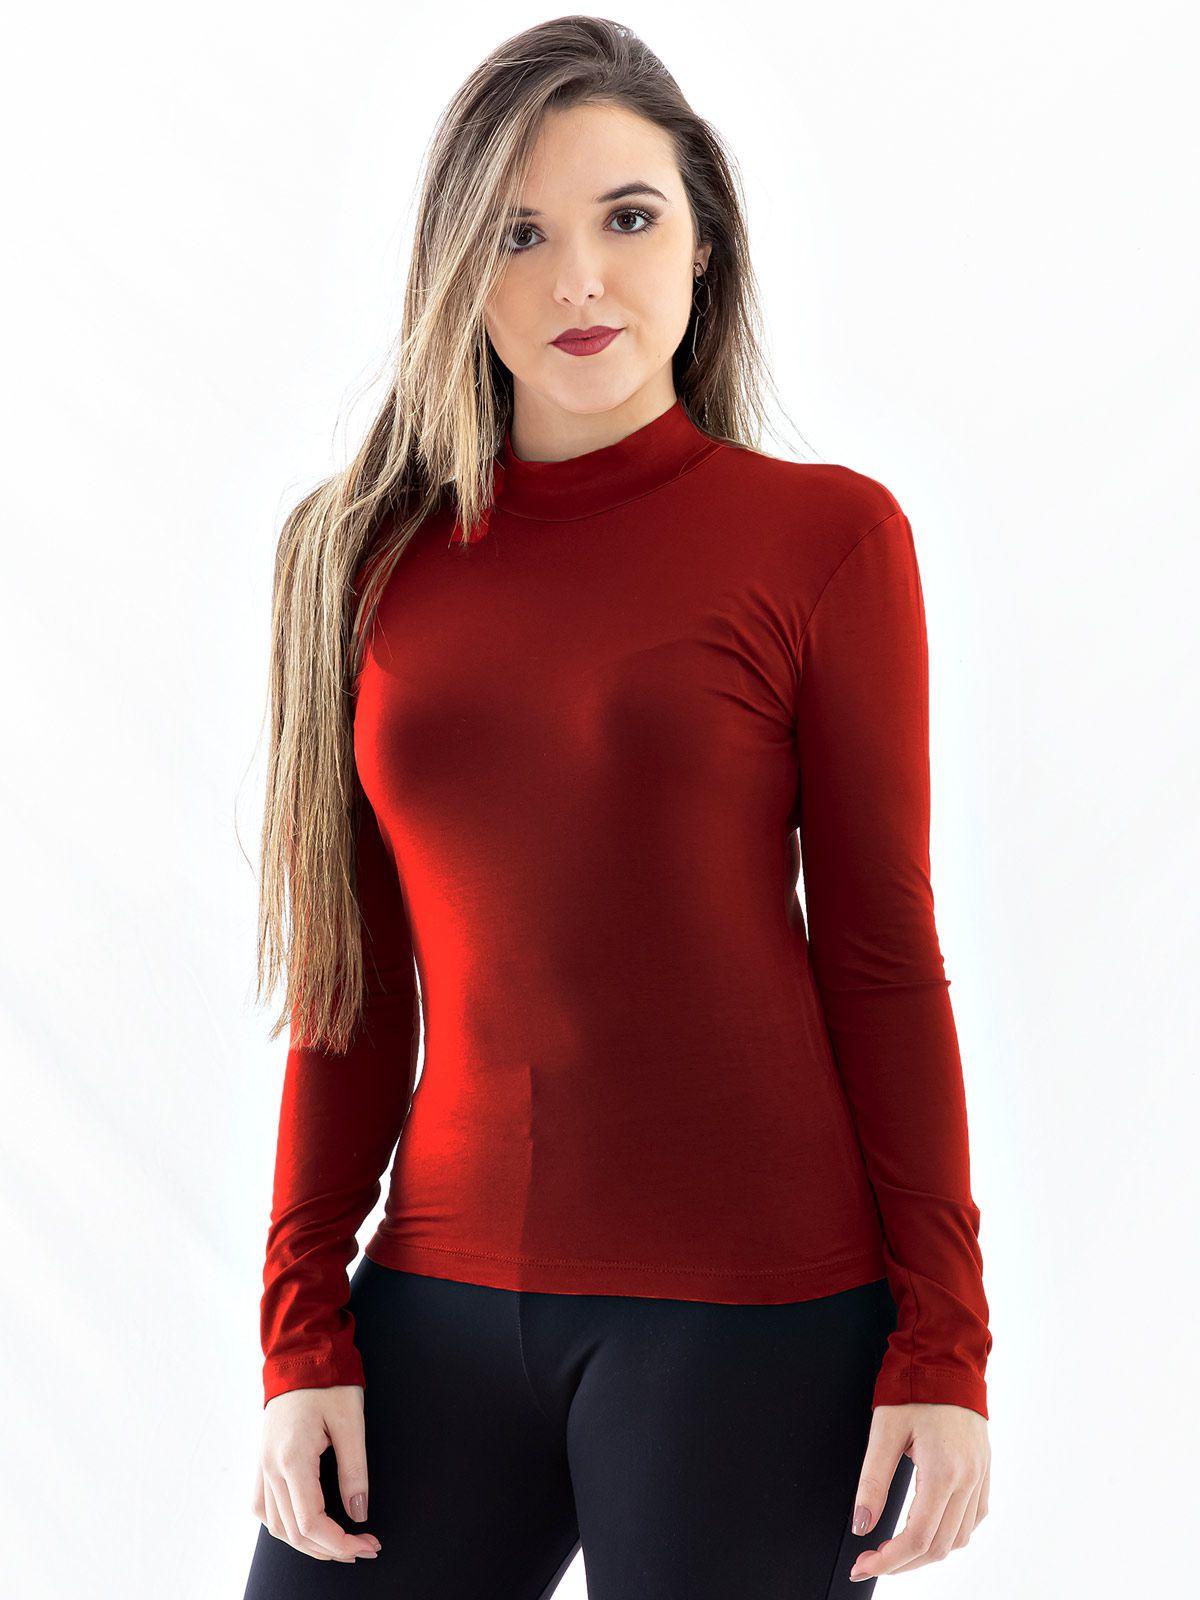 Blusa Feminina de Viscolycra Gola Alta Anistia Tijolo